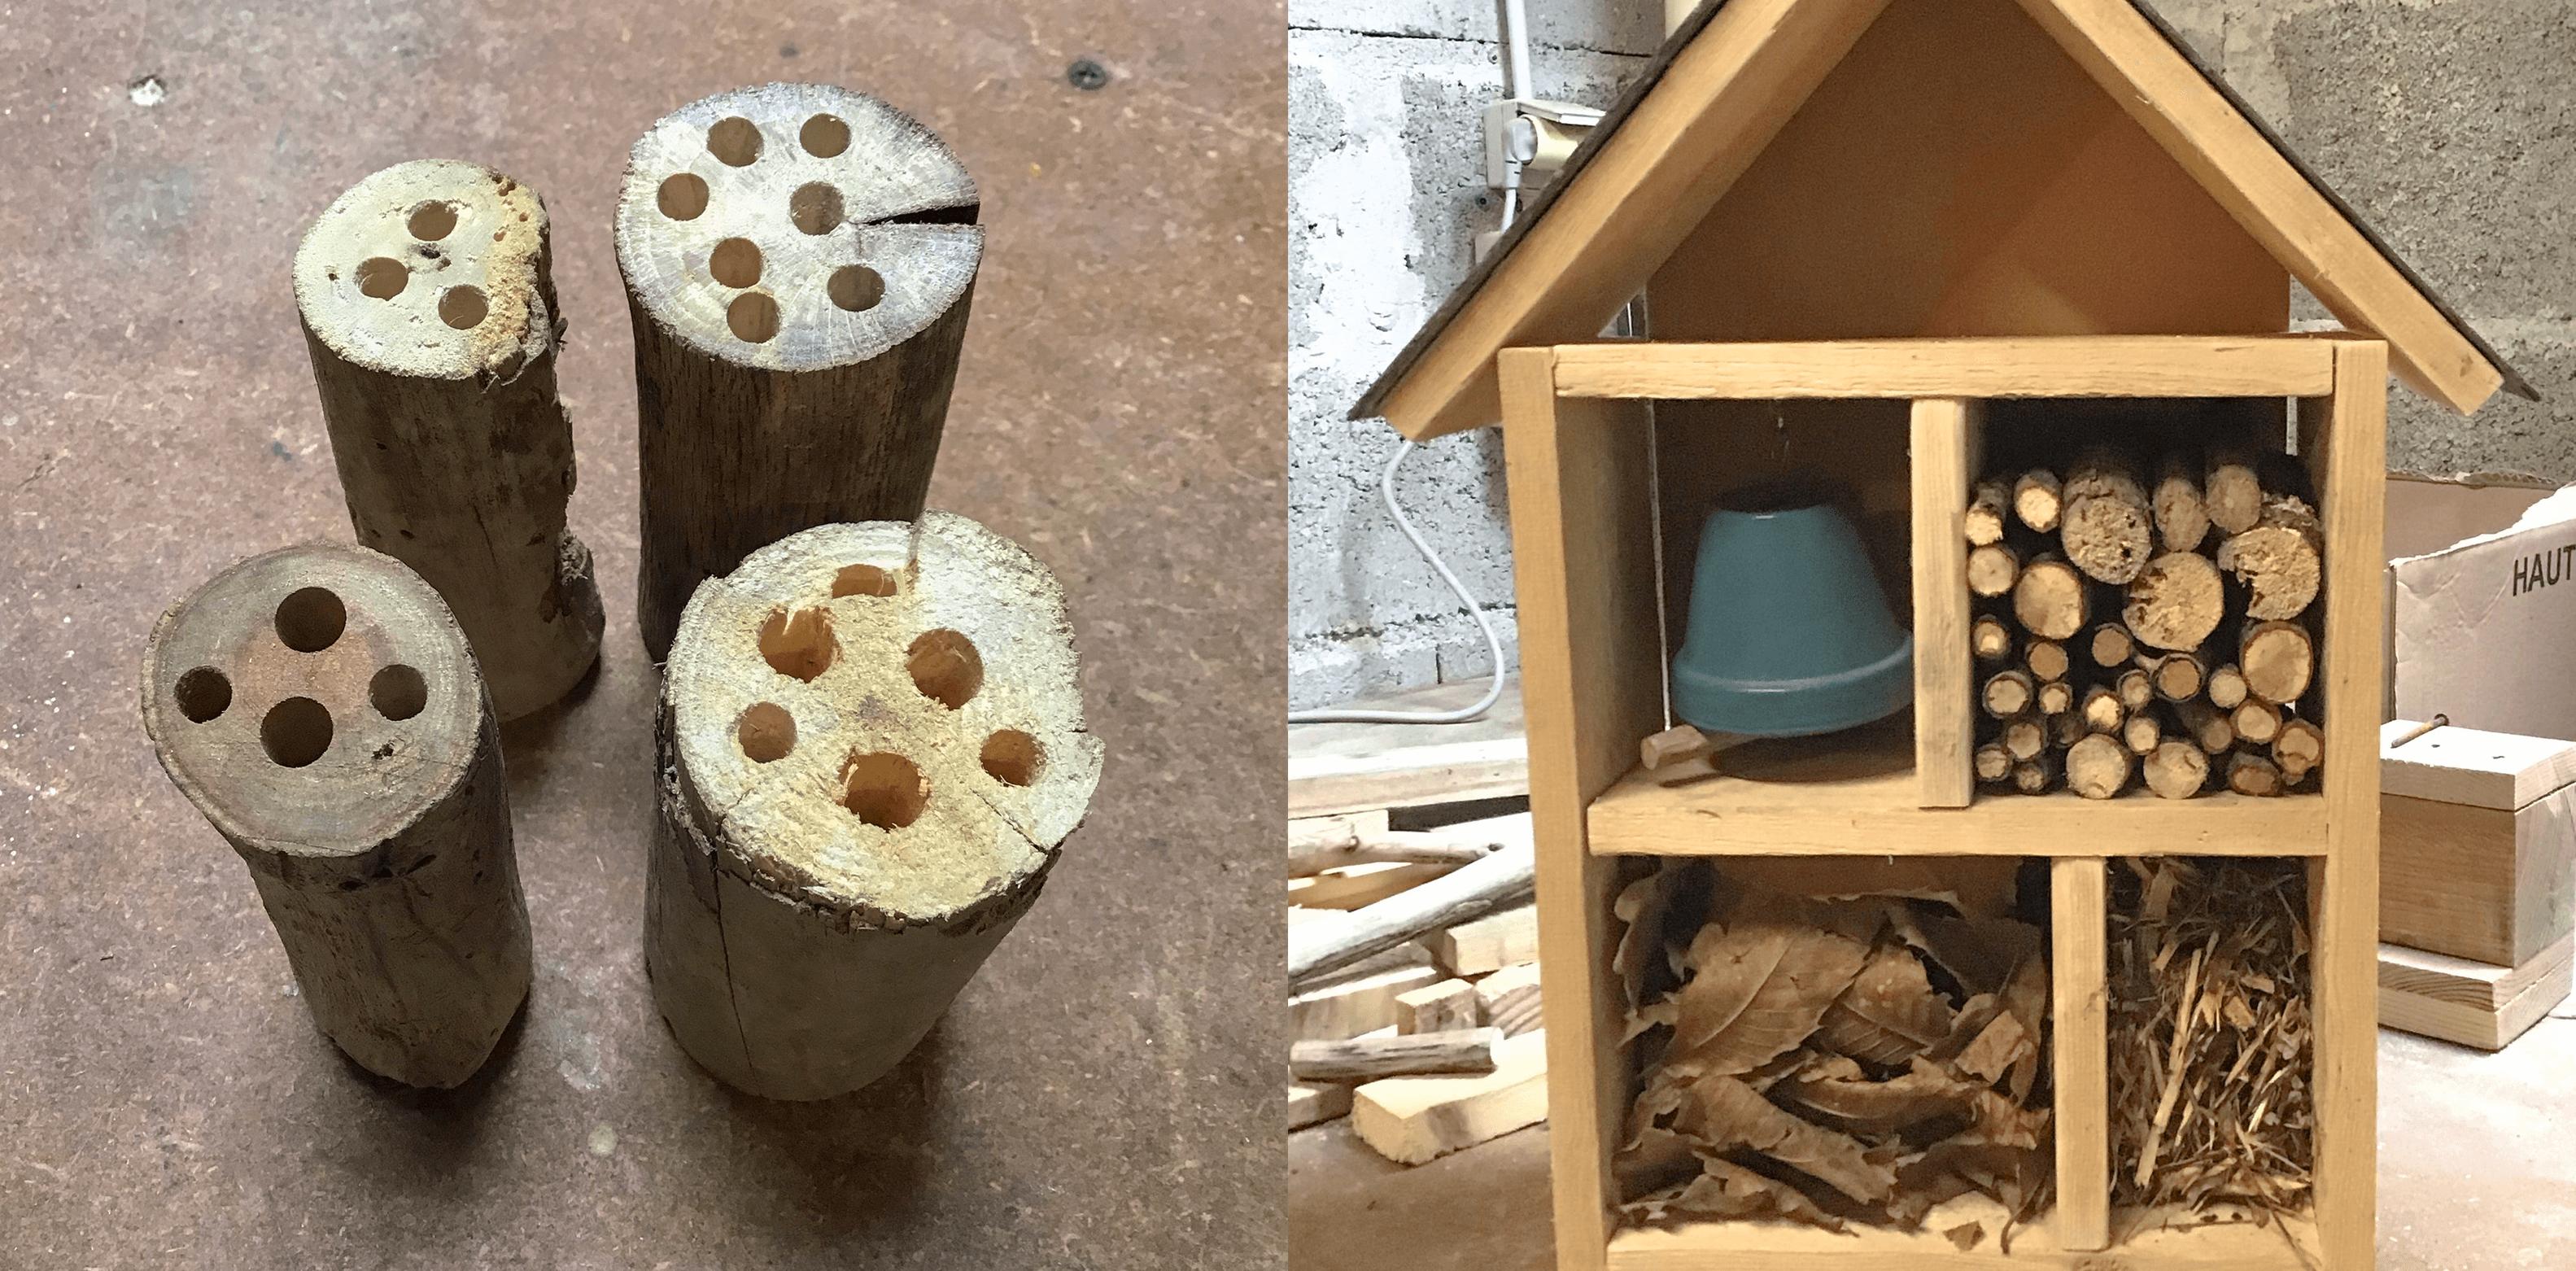 maison insectes7